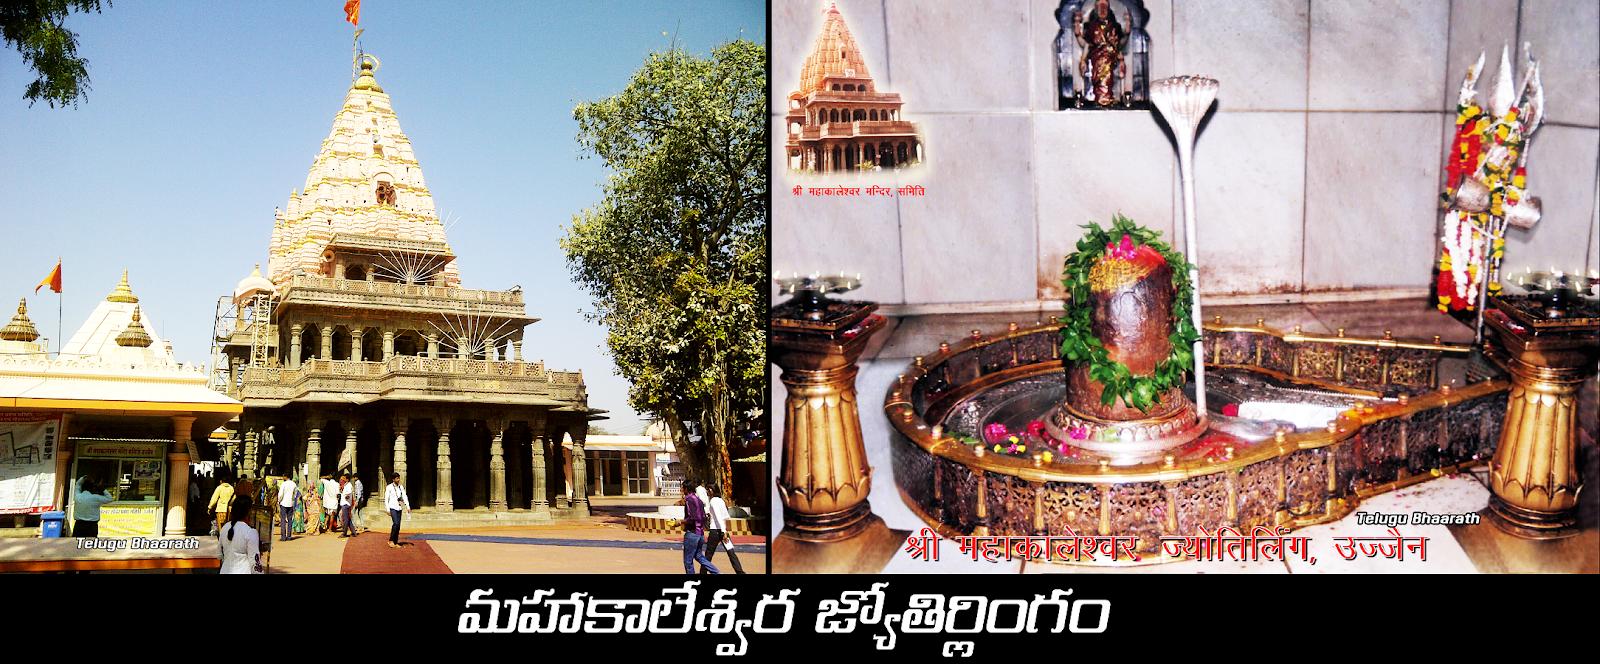 మహాకాలేశ్వర జ్యోతిర్లింగం - Mahakal Temple Ujjain